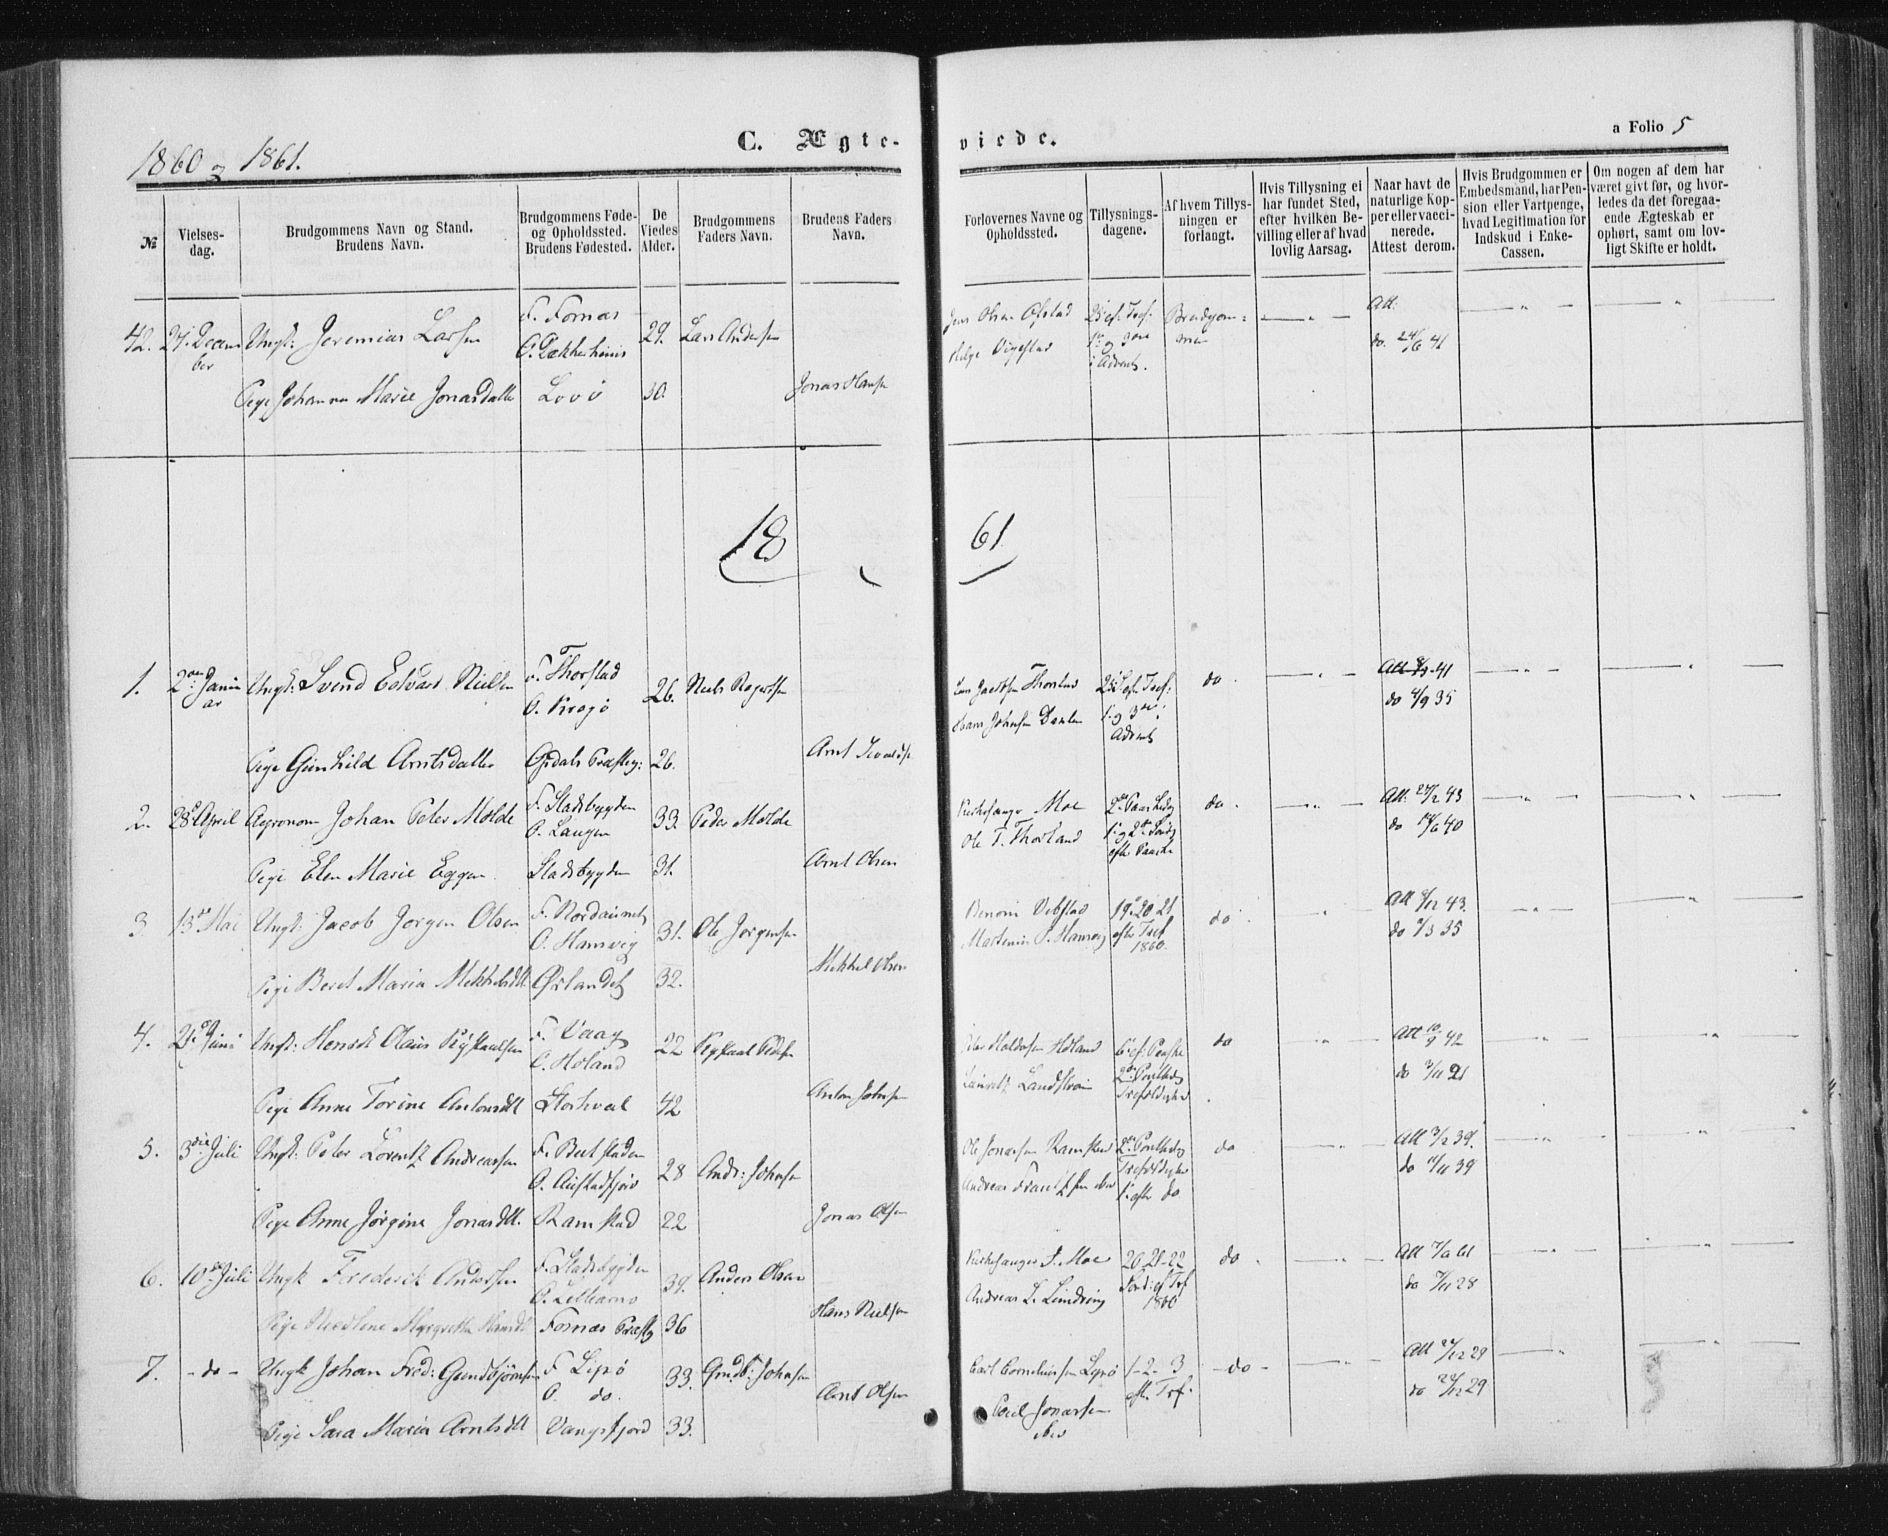 SAT, Ministerialprotokoller, klokkerbøker og fødselsregistre - Nord-Trøndelag, 784/L0670: Ministerialbok nr. 784A05, 1860-1876, s. 5